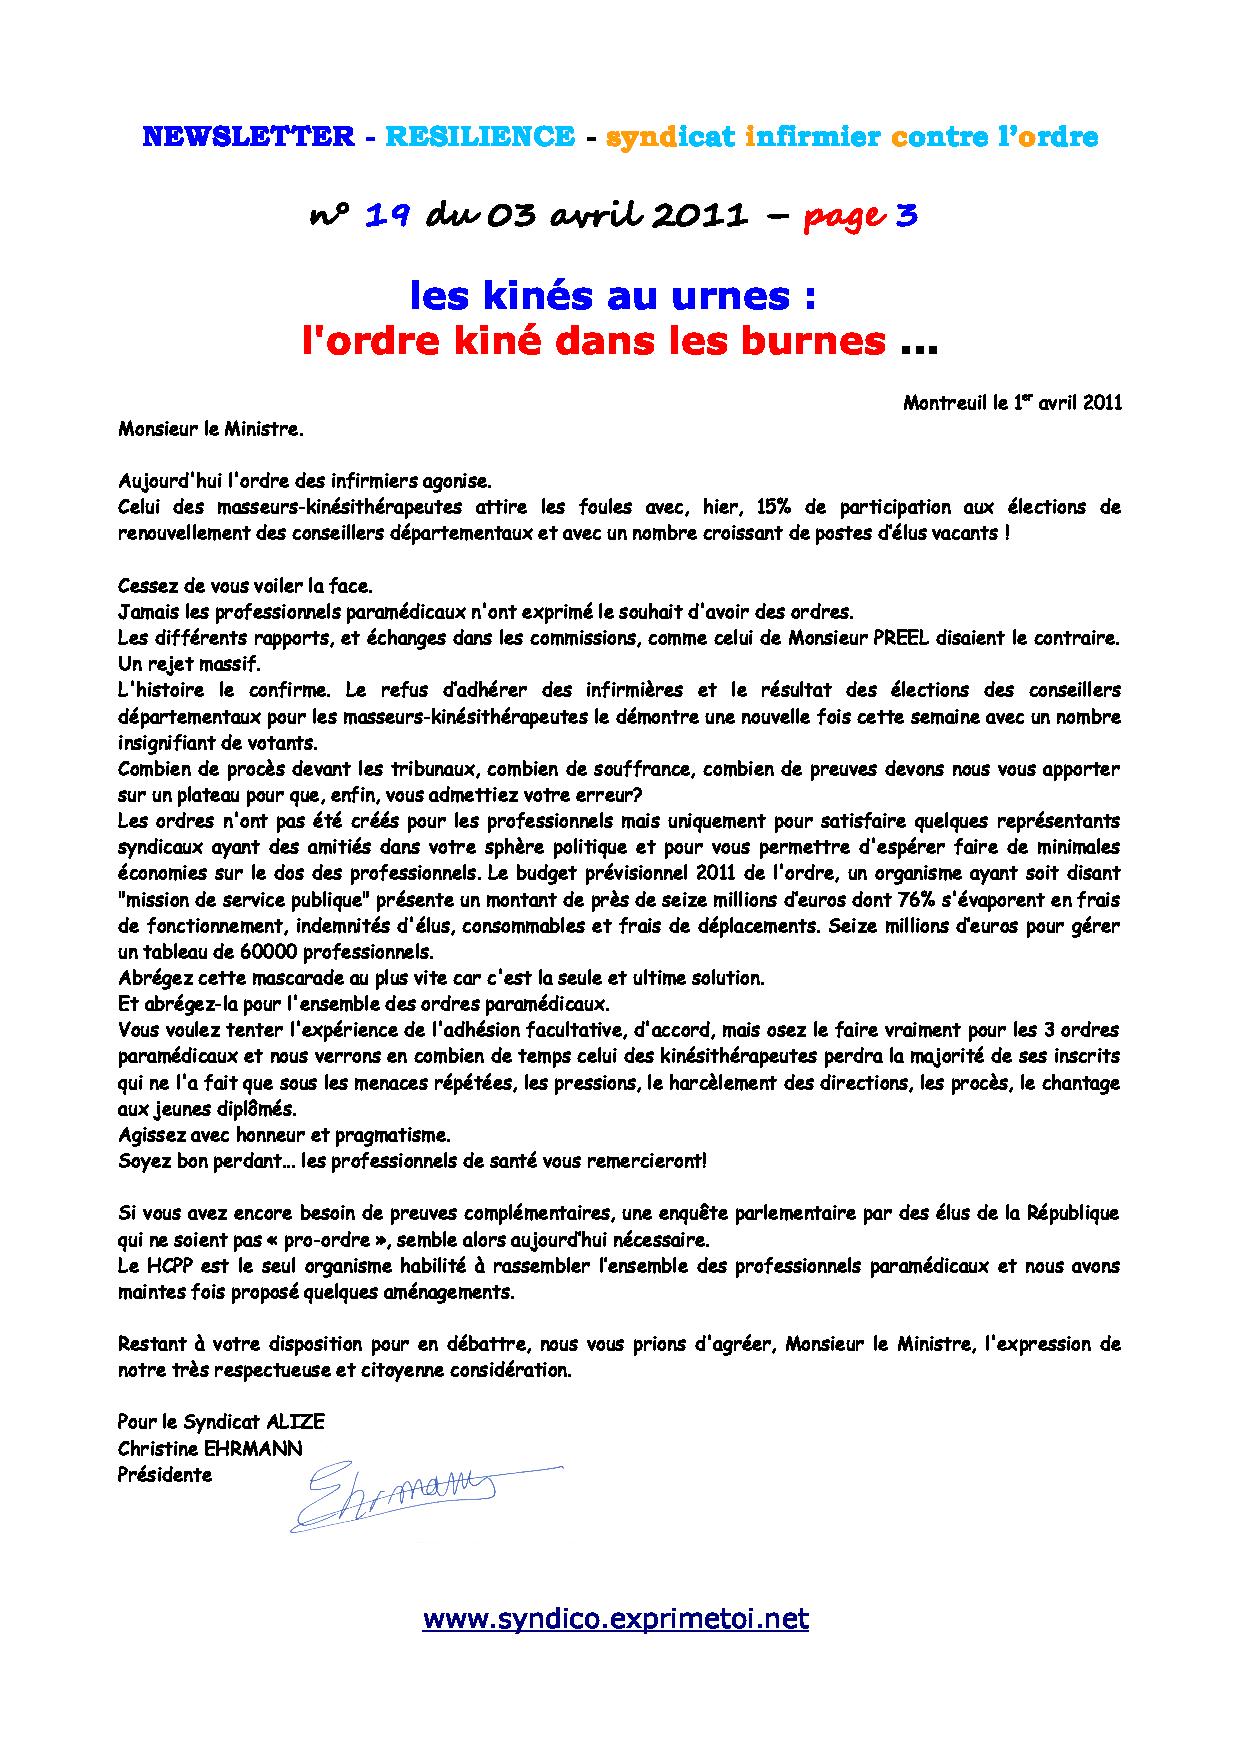 Newsletter RESILIENCE n°19 du 03 avril 2011 1104030214161139707930311